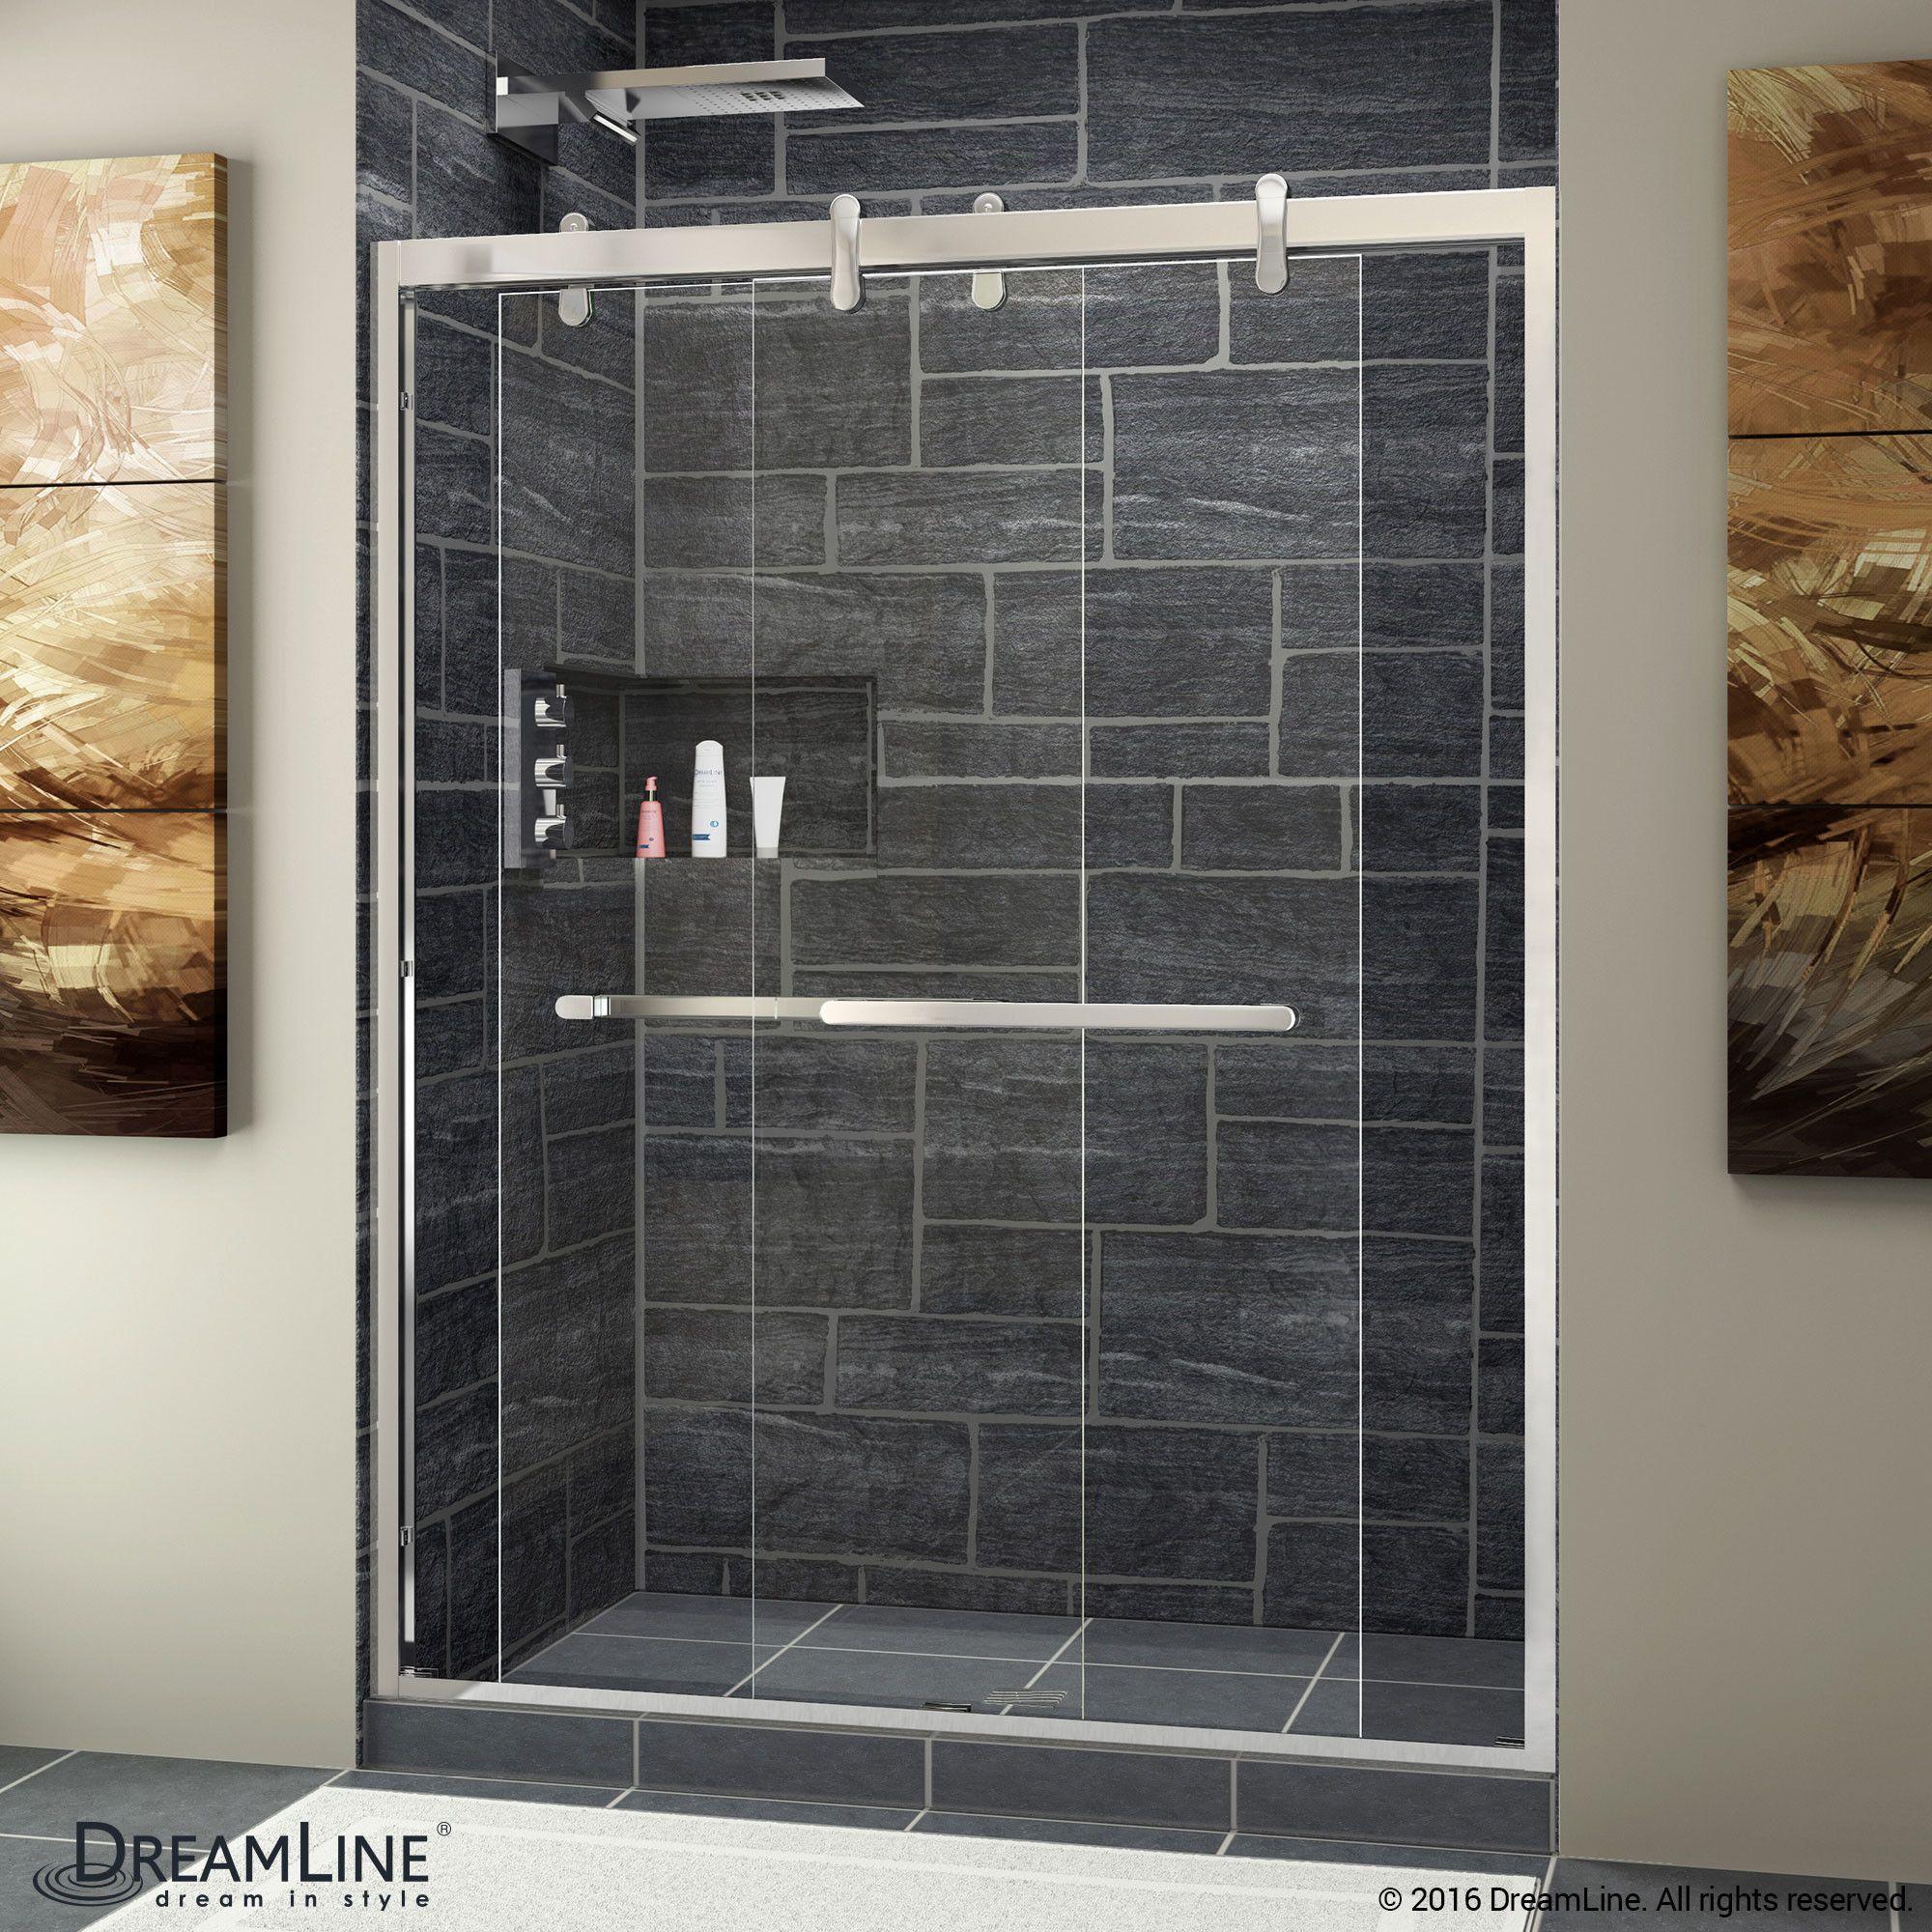 Cavalier 56 W X 77 38 H Bypass Semi Frameless Shower Door With Clearmax Technology Sliding Shower Door Shower Doors Bypass Sliding Shower Doors